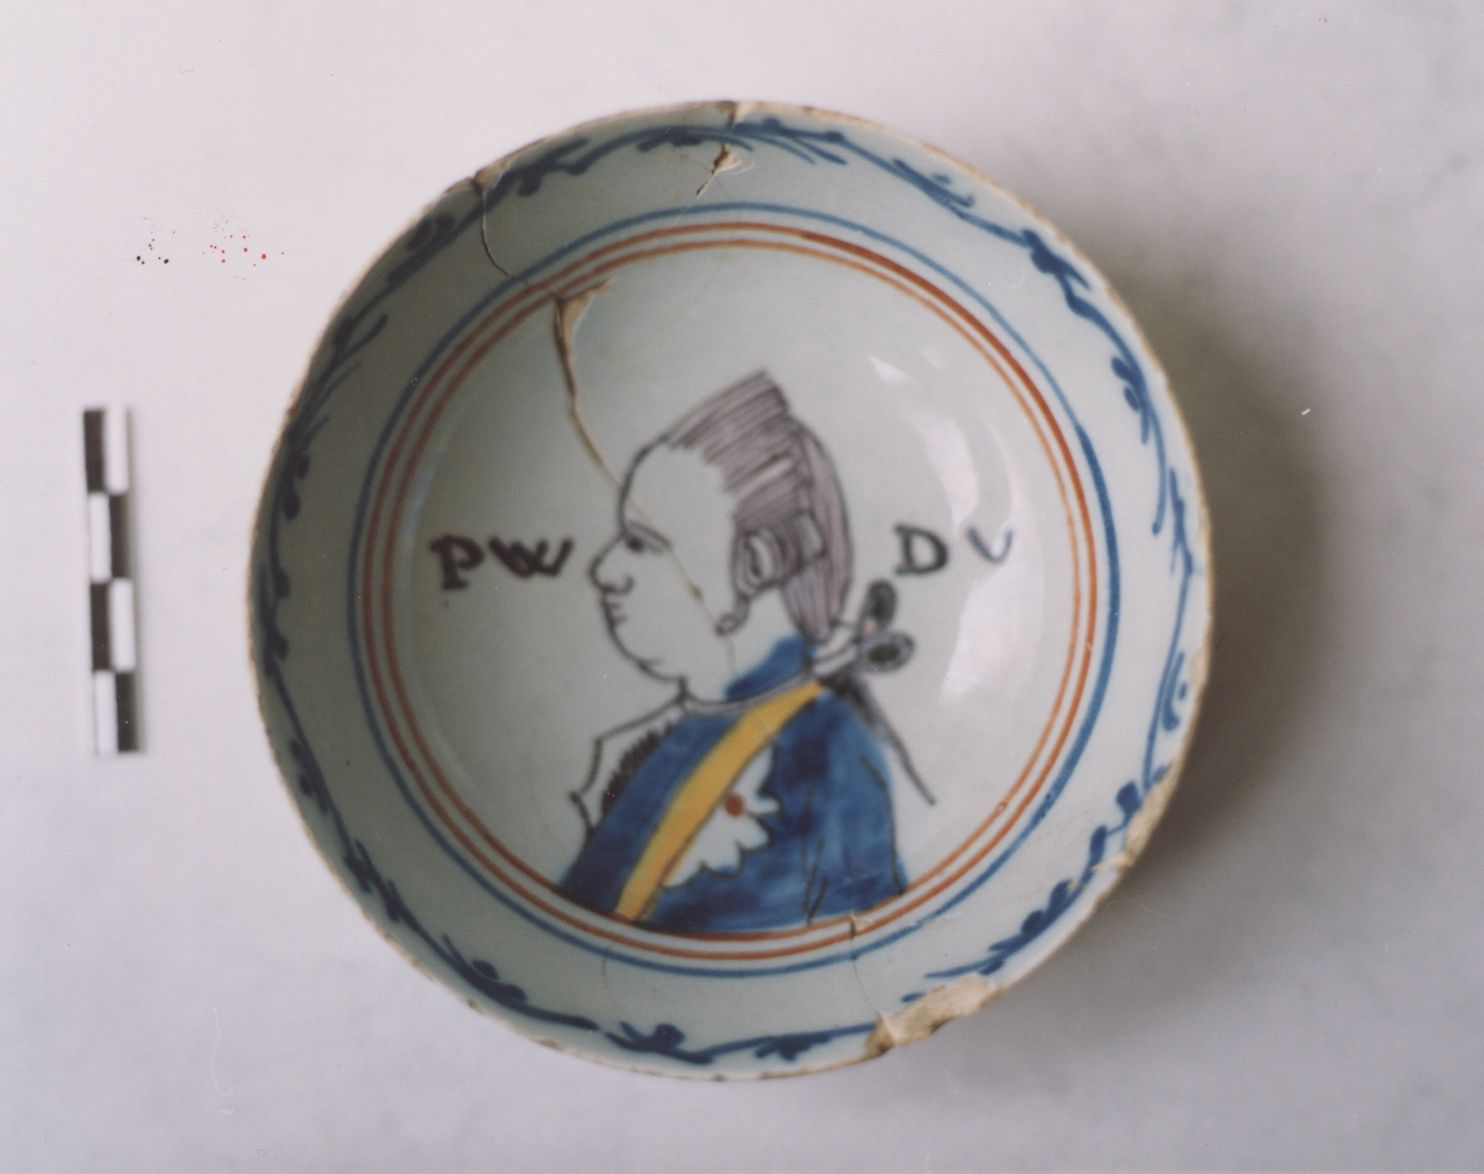 Oranjekeramiek uit Sint-Philipsland, ca. 1780; PWDV betekent 'Prins Willem de Vyfde' (Zeeuws Archeologisch Depot, Stichting Cultureel Erfgoed Zeeland).